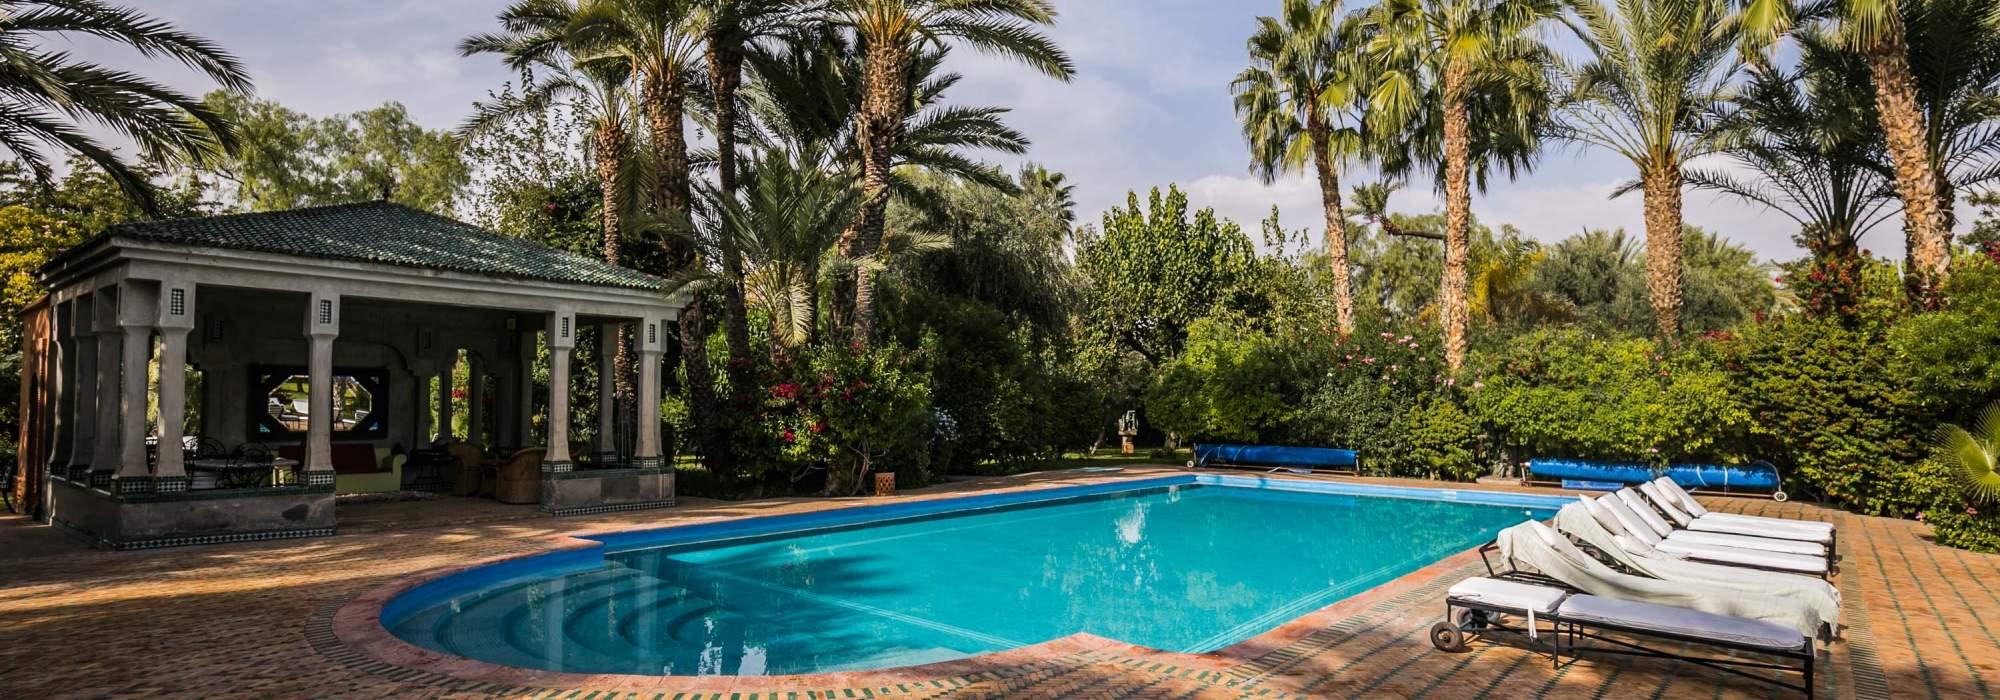 vente villa de luxe a la palmeraie marrakech